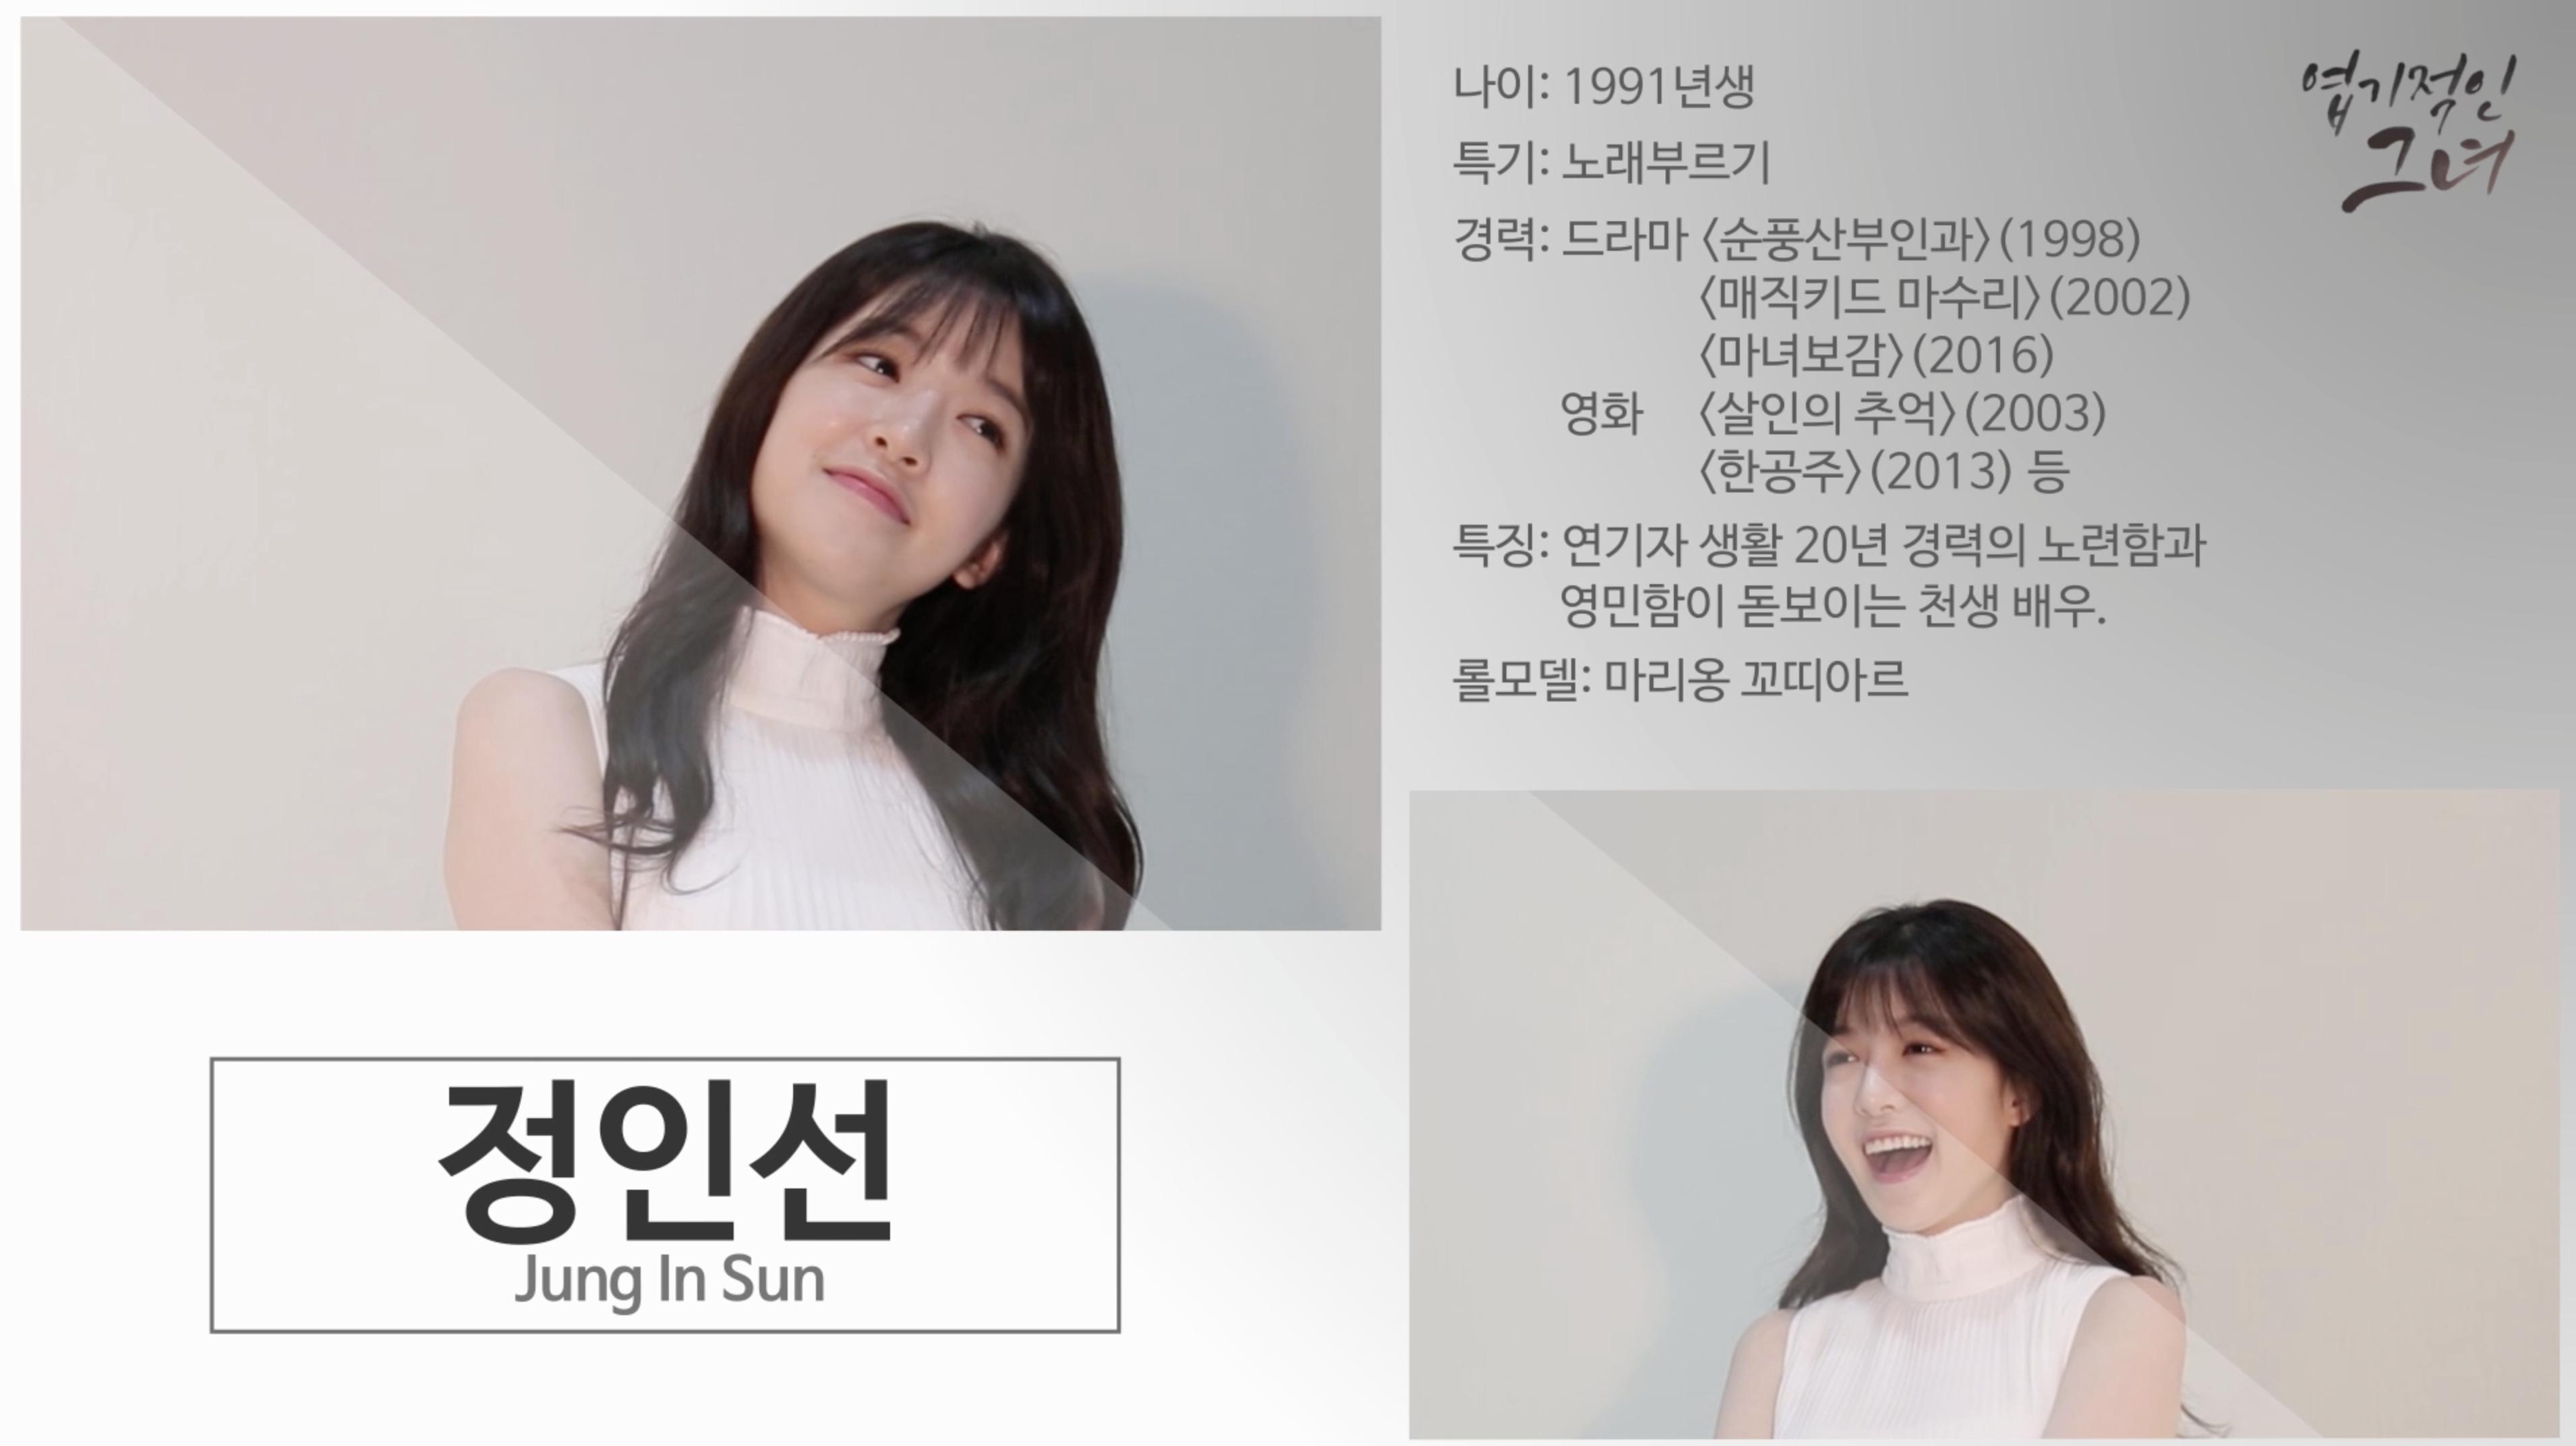 [엽기적인 그녀] 정인선 자기소개 영상 (선공개)